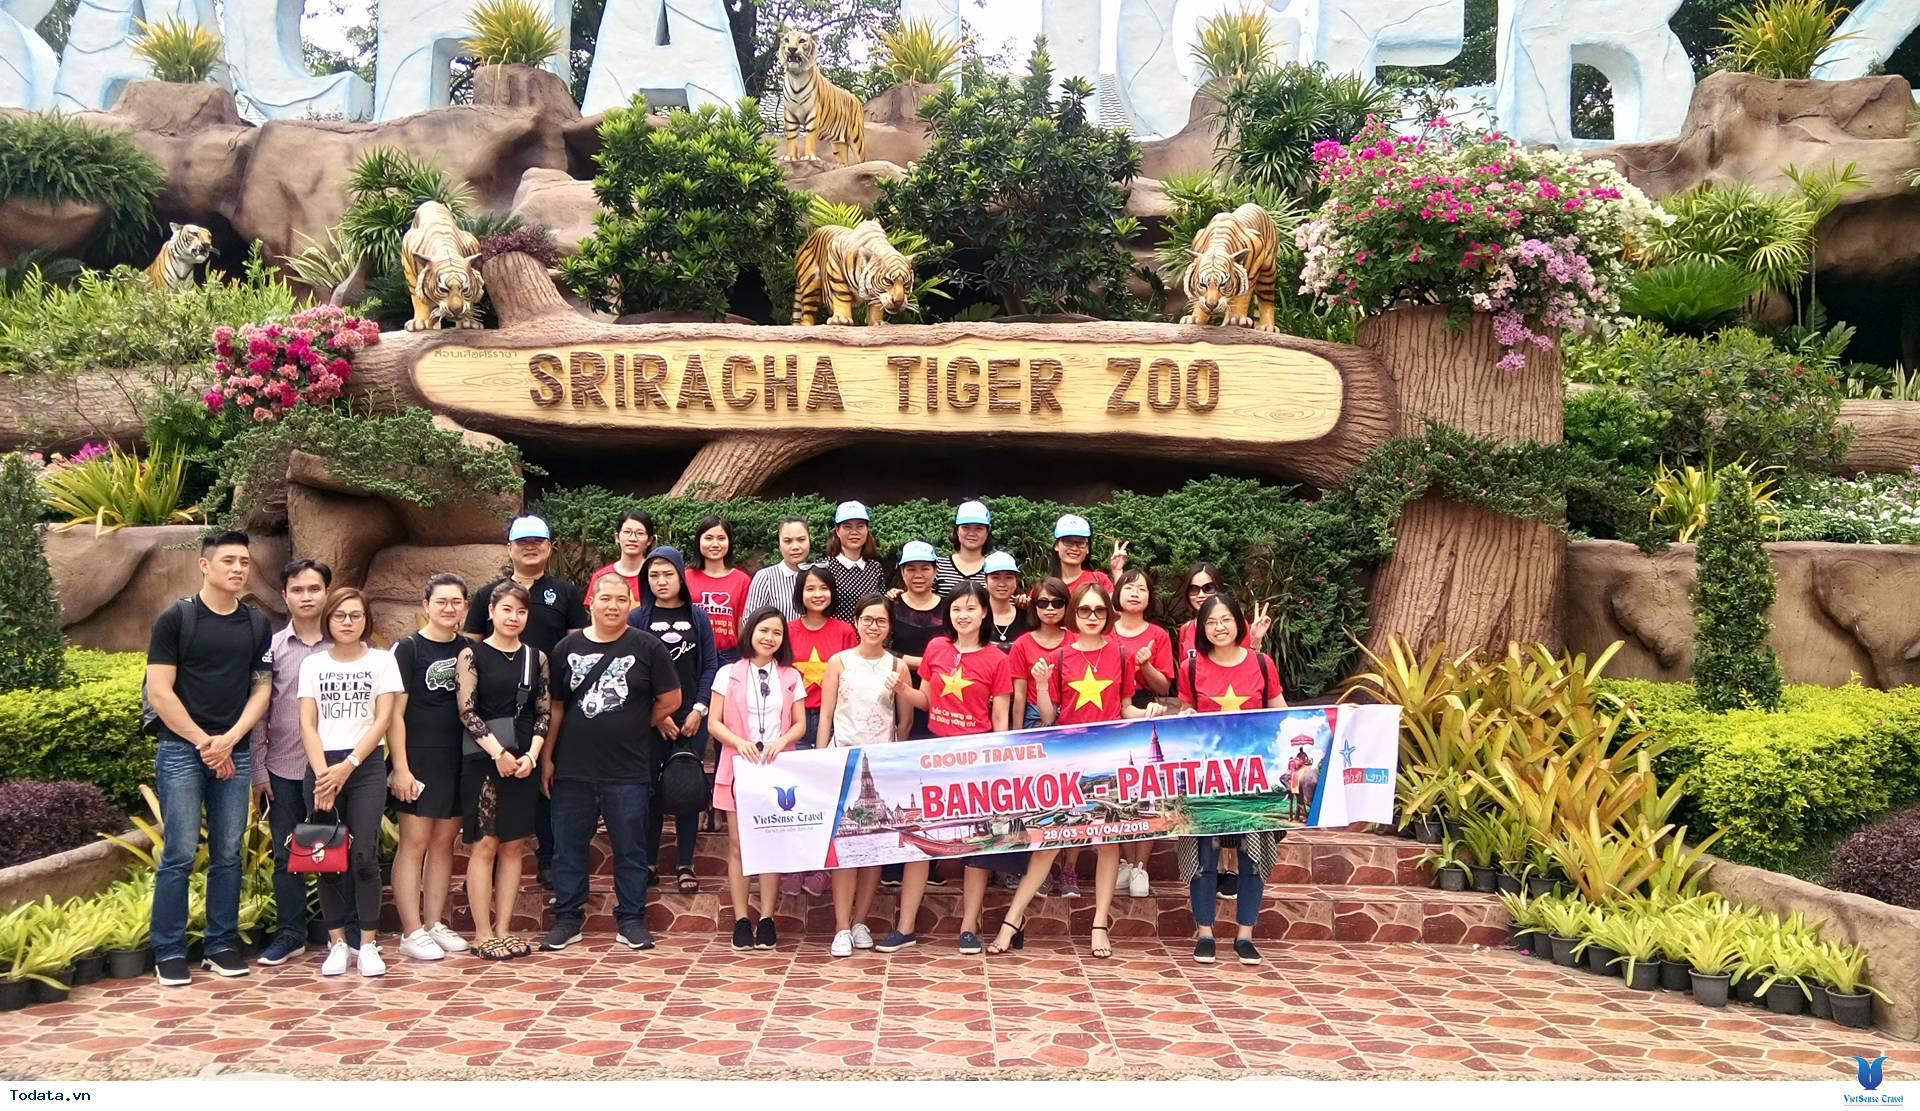 Tour Thái Lan 4 Ngày 3 đêm: Bangkok - Pattaya - Ảnh 1